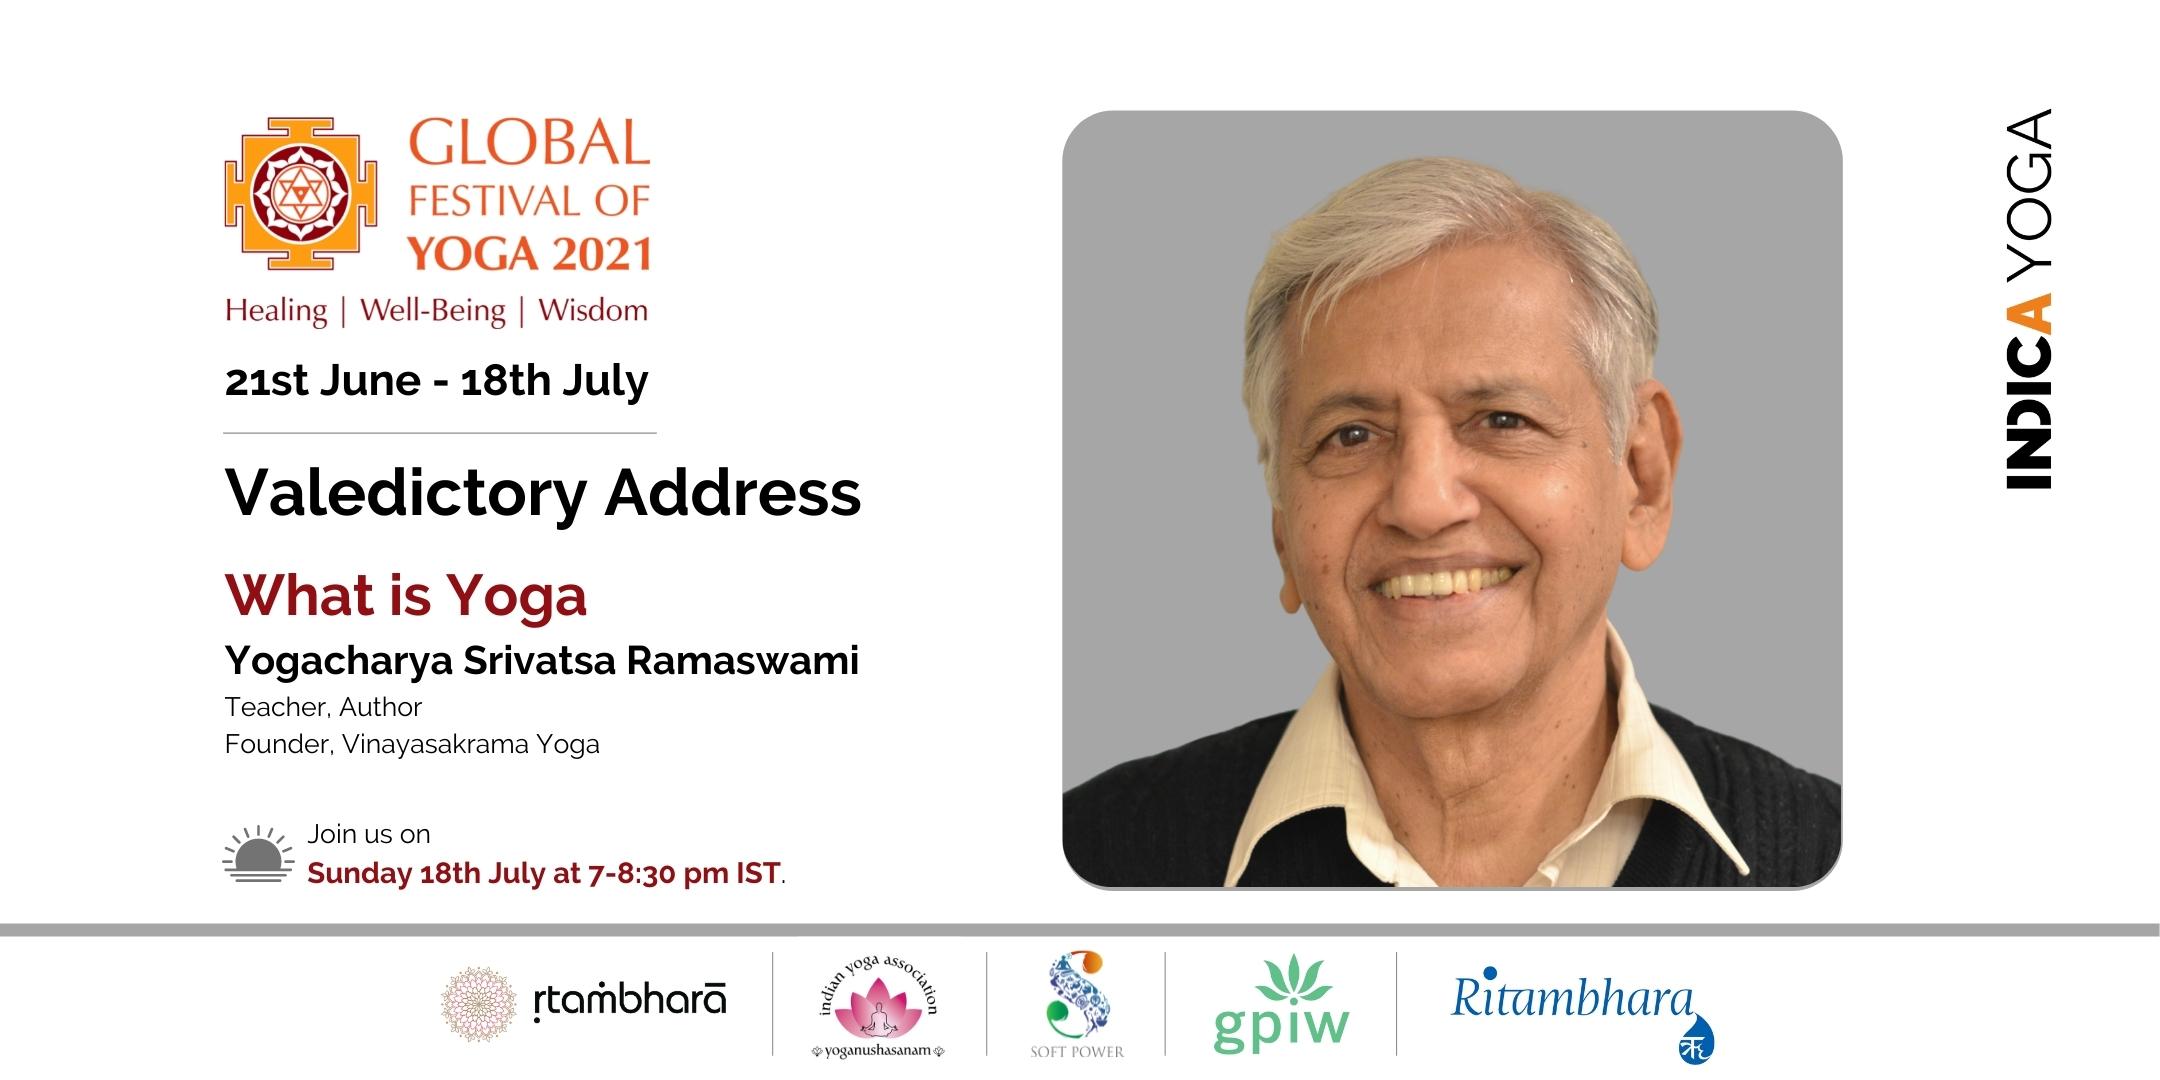 Valedictory Address - What is Yoga by Yogacharya Srivatsa Ramaswami